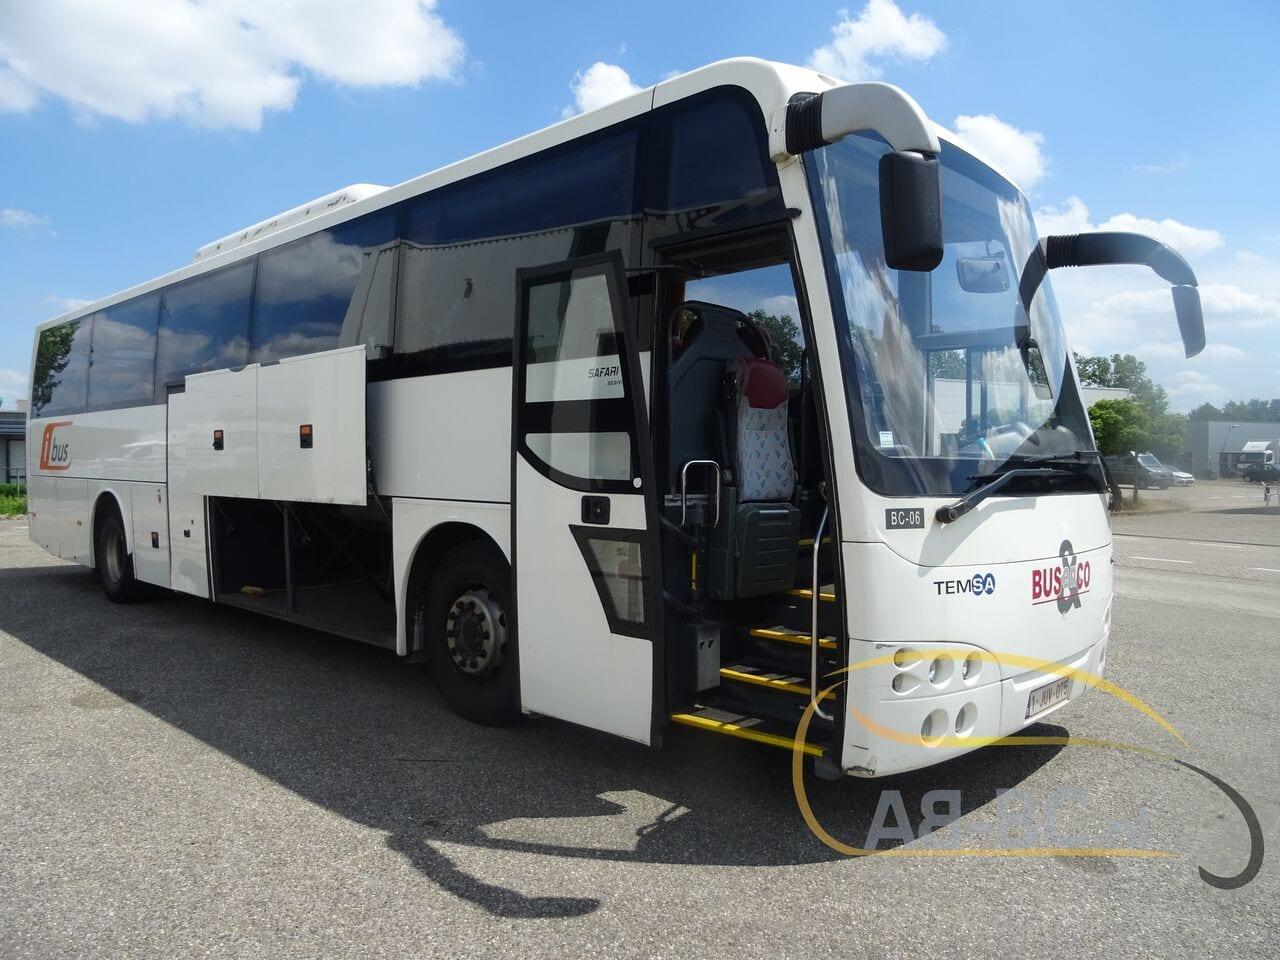 coach-busTEMSA-Safari-RD-DAF-Motor-53-Seats-Euro-5---1623932341187147019_big_ec8999d2cd78299d2ec91d6c78b30ef4--21061715155620919600